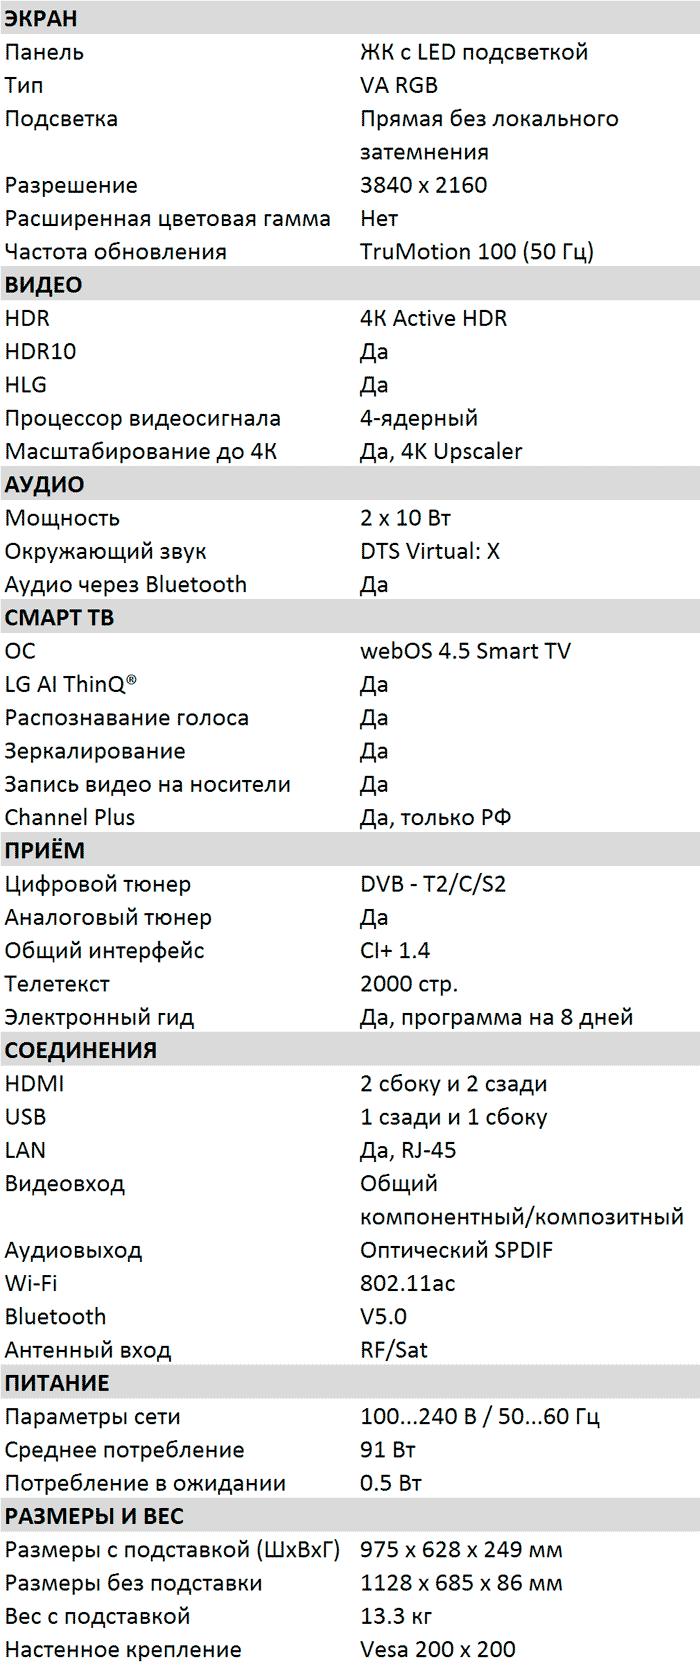 Характеристики UM7600